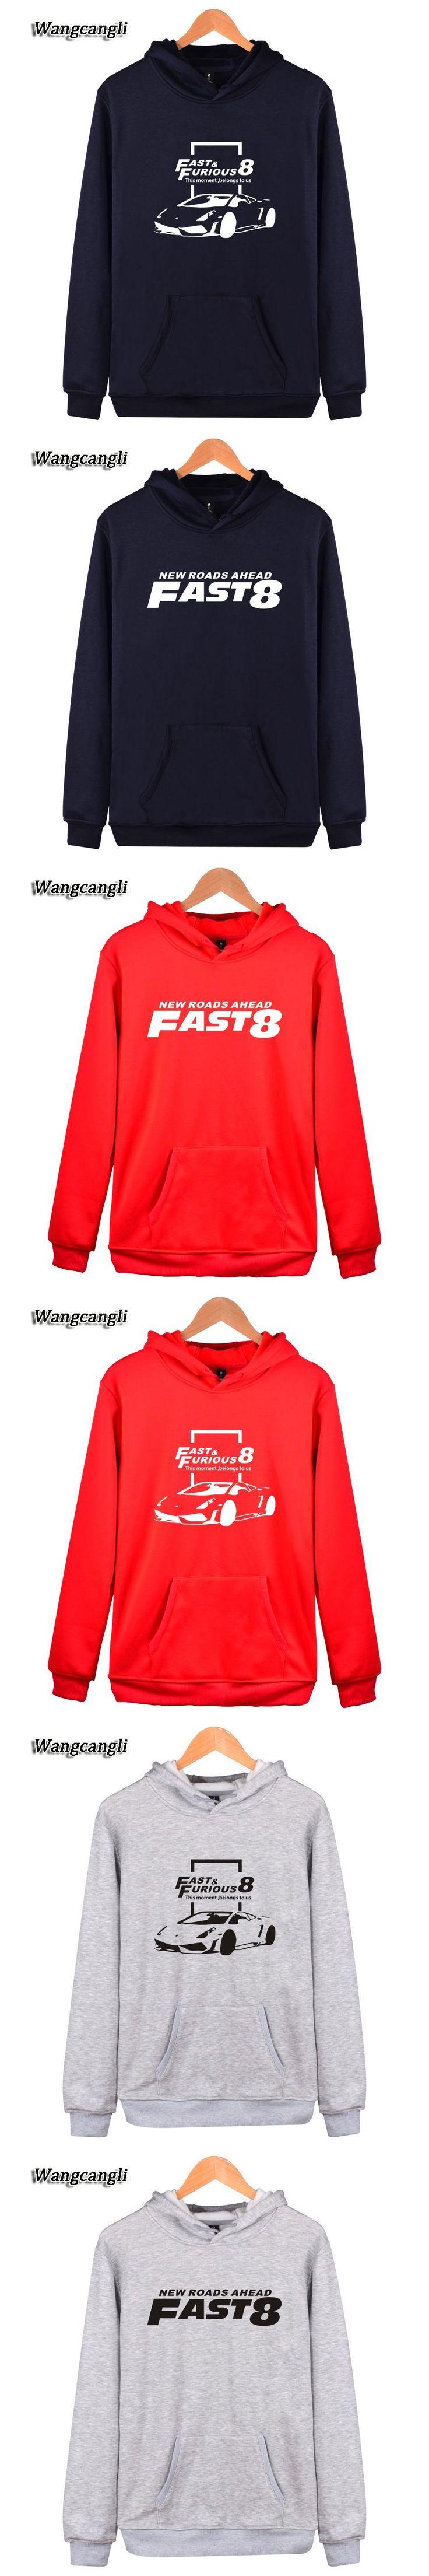 Men/Women Fast & Furious 8 Streetwear Hoodies  Hip hop Hoodies Sweatshirt costume Men Kpop out coat